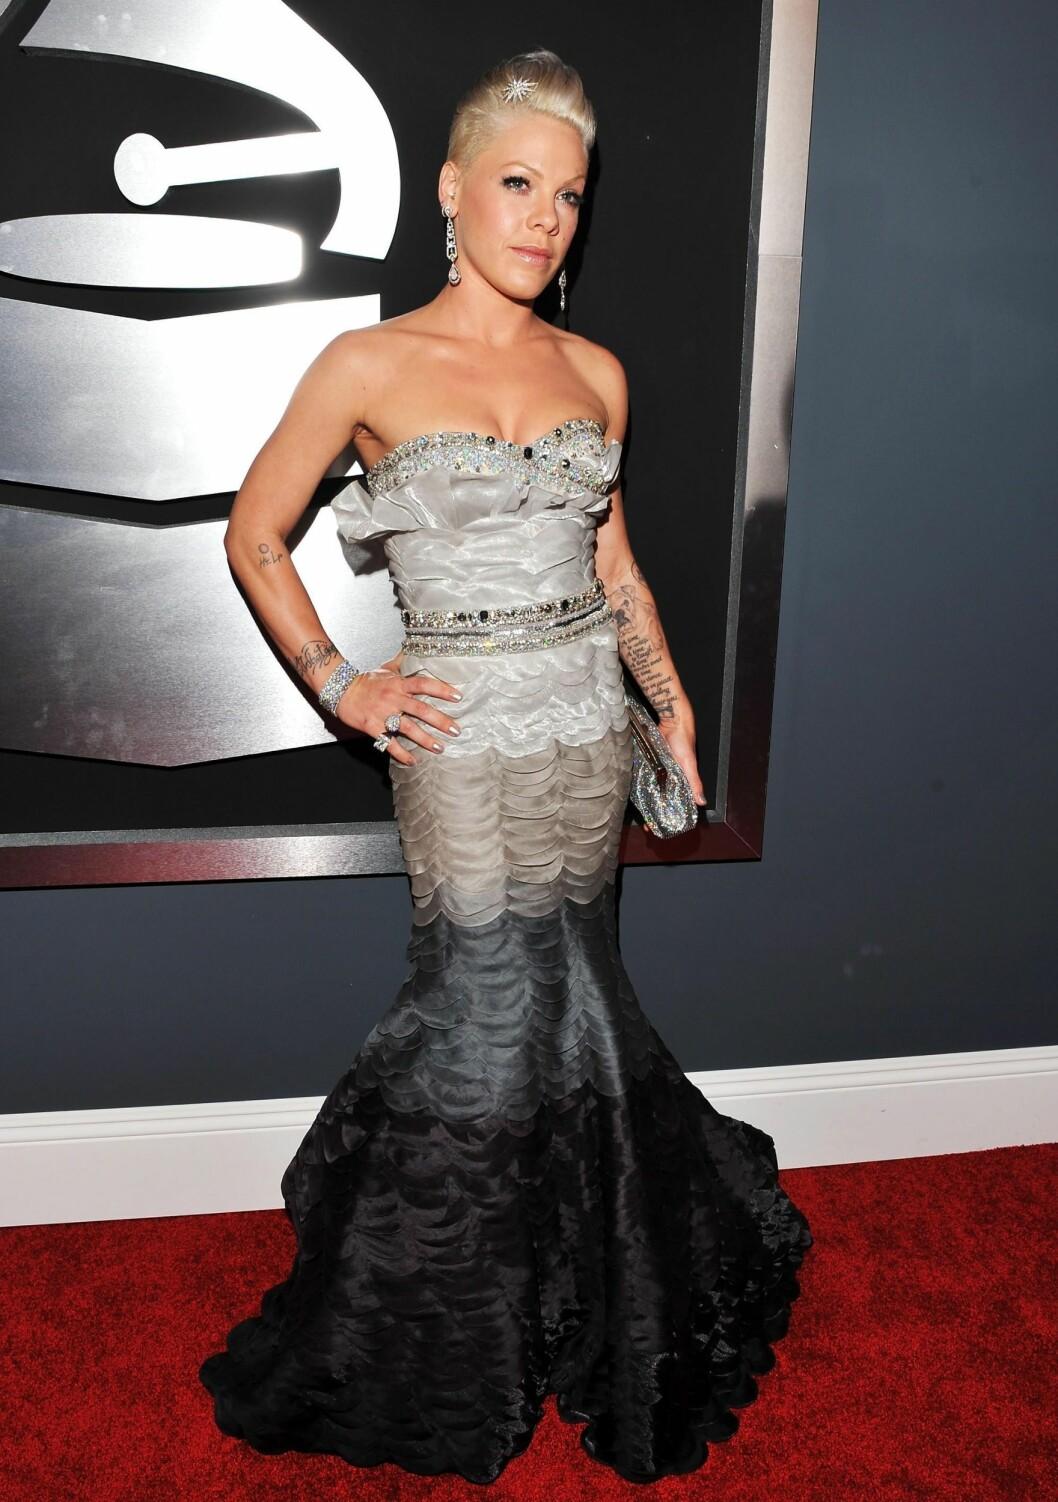 Tidligere i år dukket Pink opp på Grammy Awards i denne havfruekjolen, og begynner å vise den romantiske siden av seg.  Foto: All Over Press